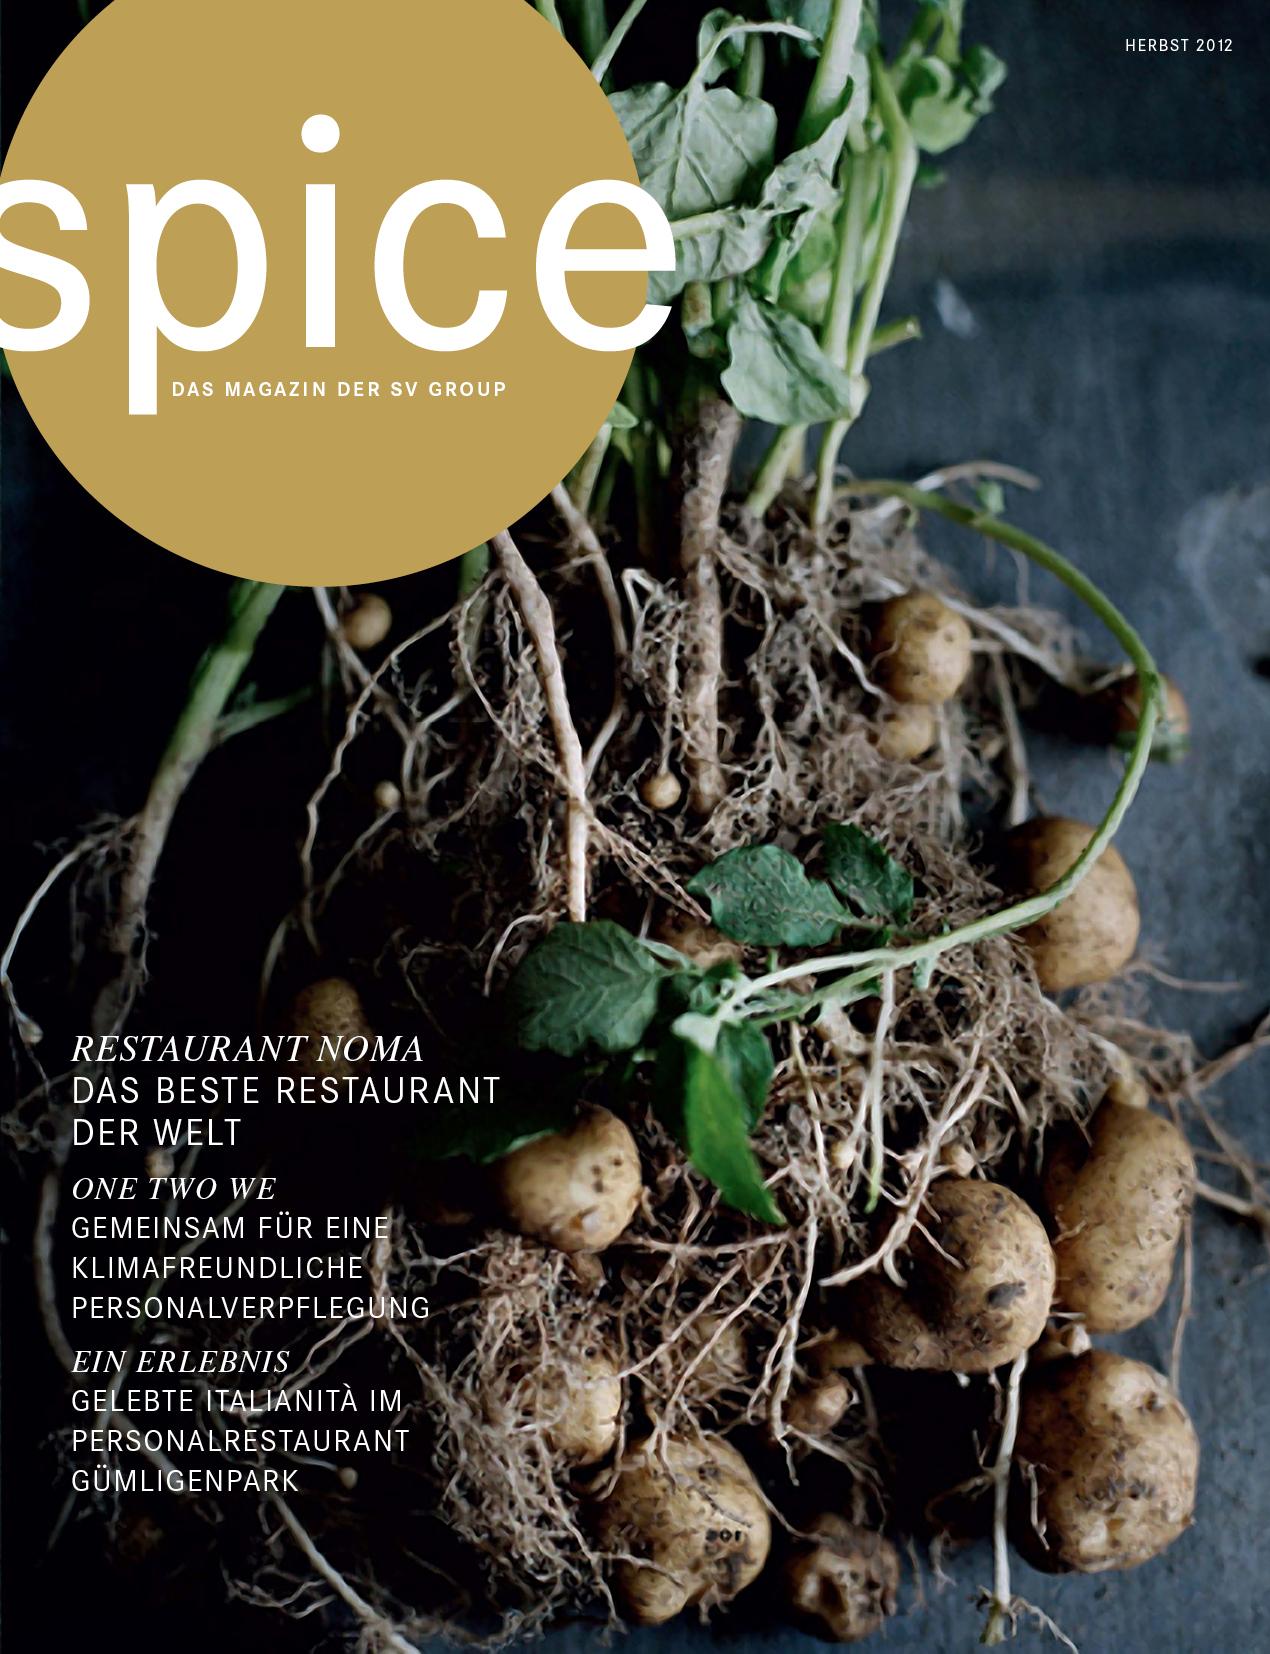 spice magazin